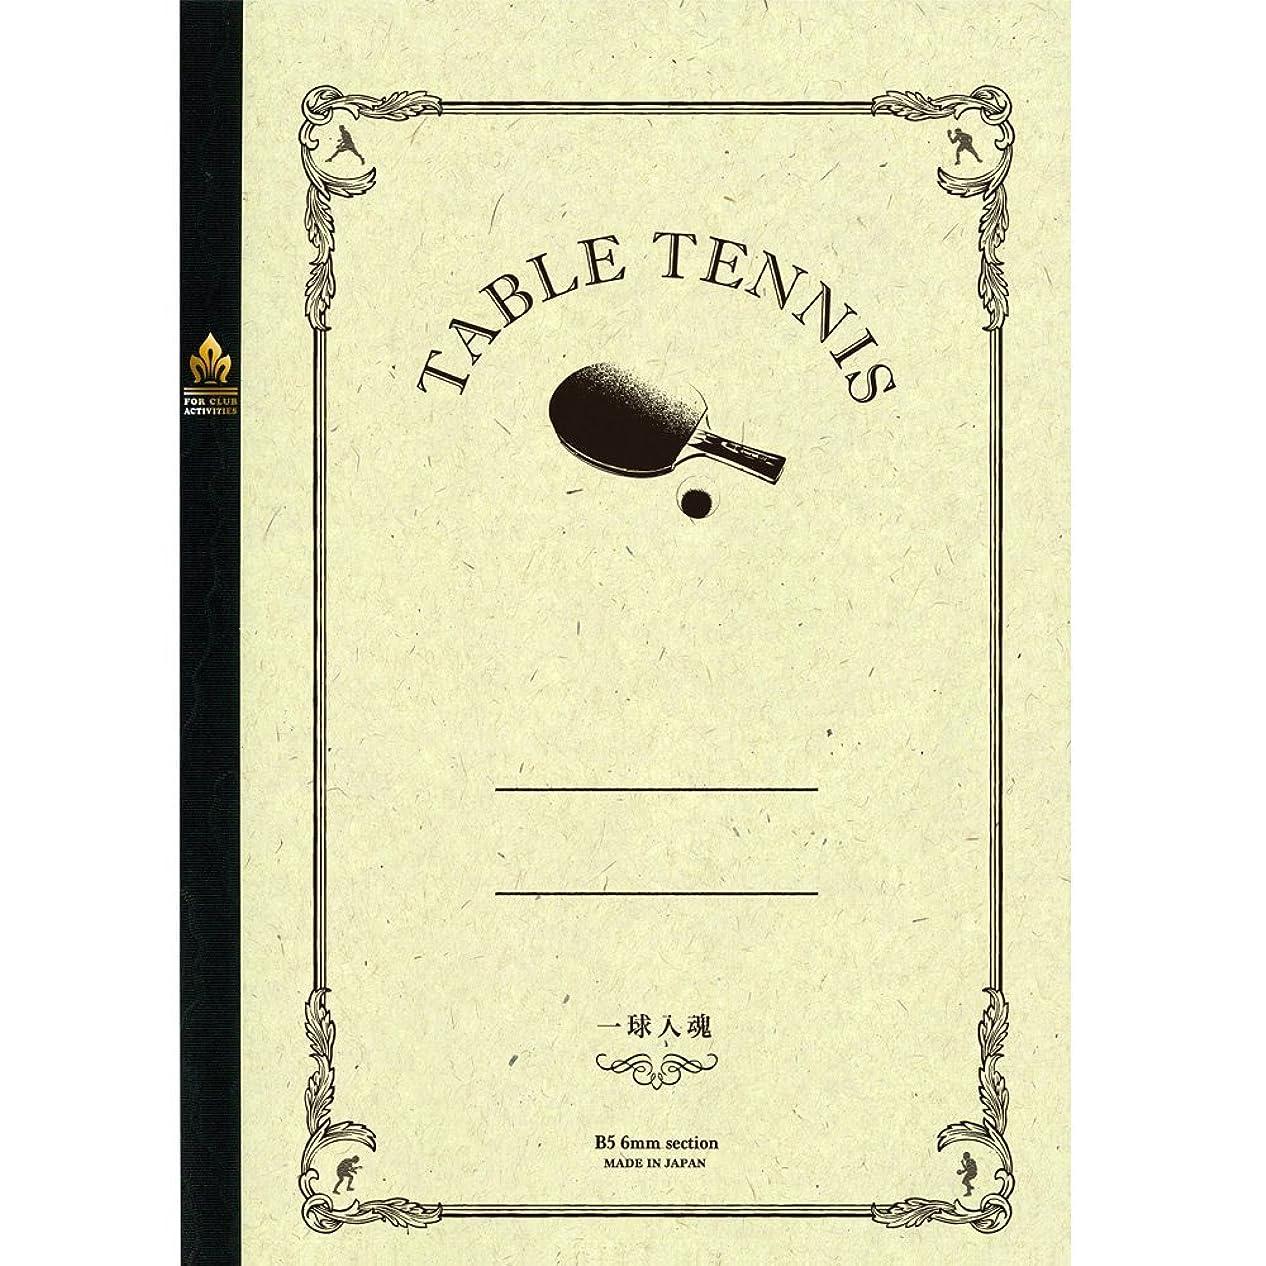 みんなの部活ノート 卓球 5冊セット